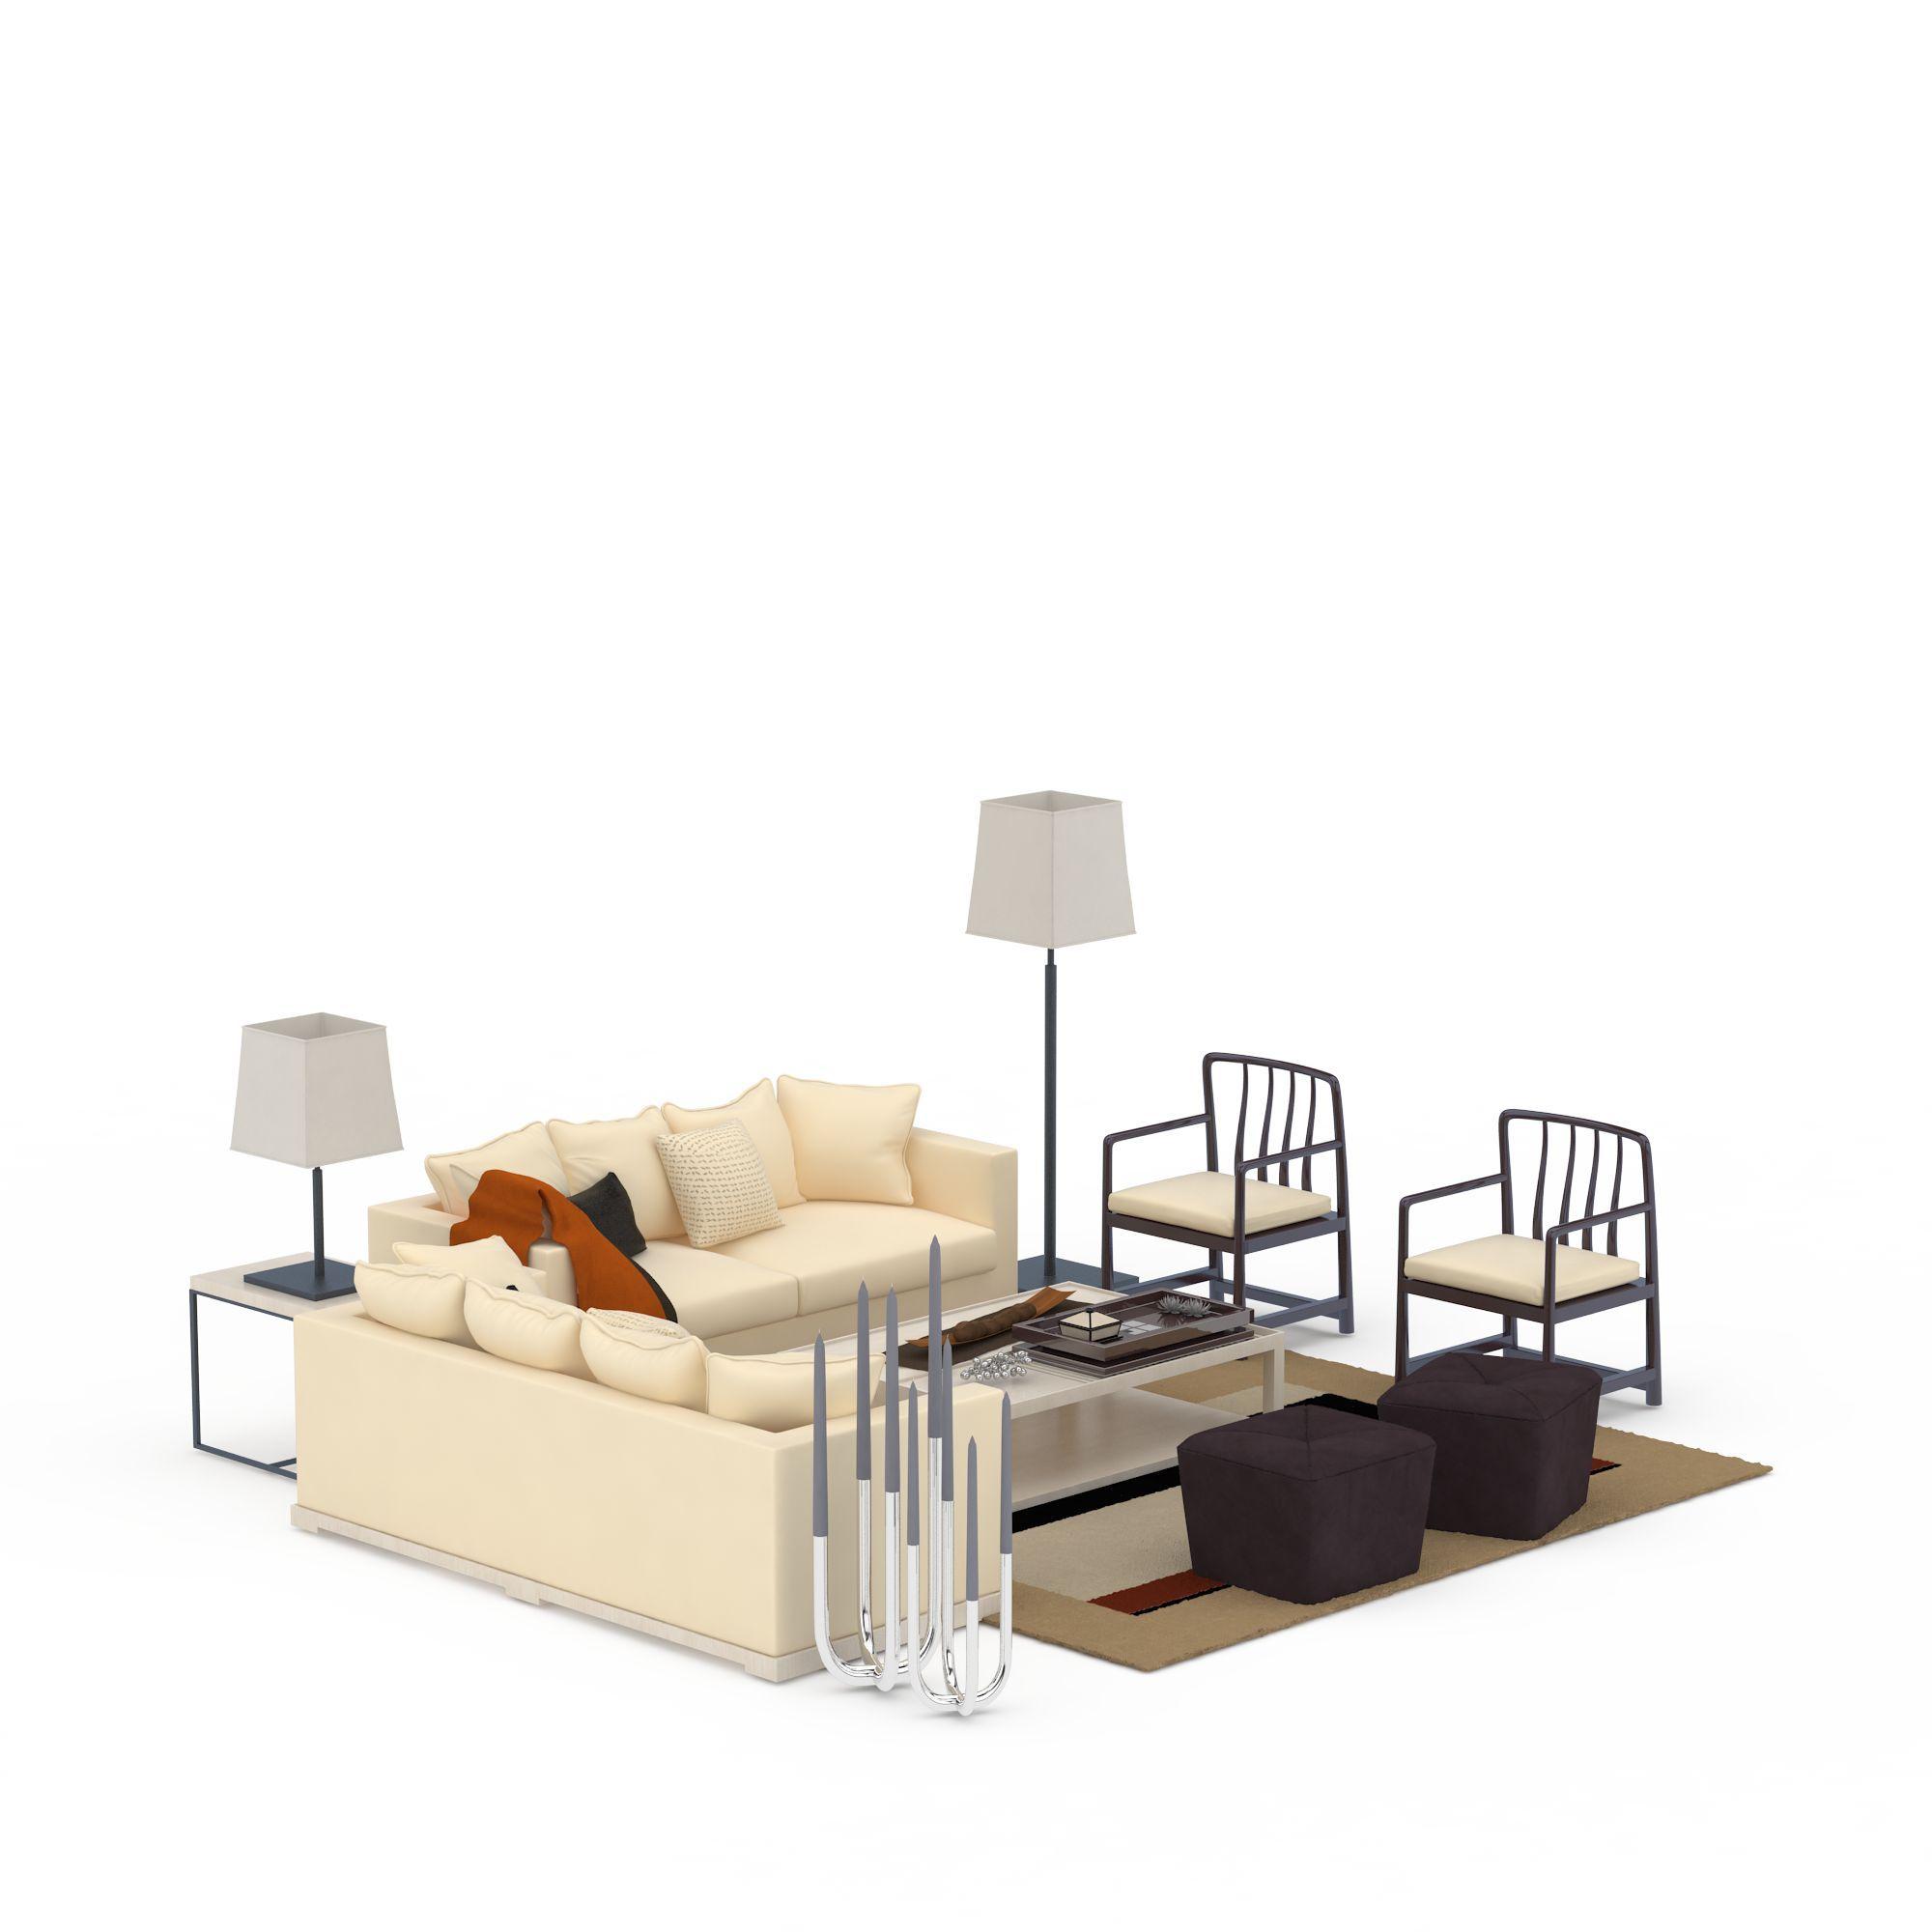 客厅组合沙发图片_客厅组合沙发png图片素材_客厅组合